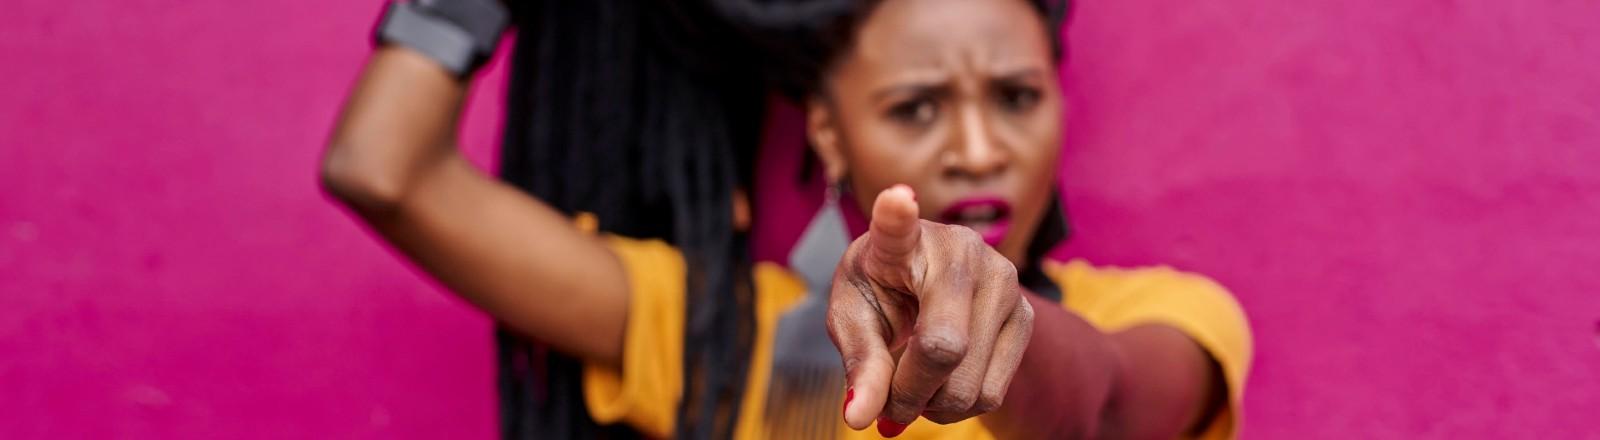 Eine junge Frau zeigt mit dem Finger verurteilend in Richtung des Bildschirms.